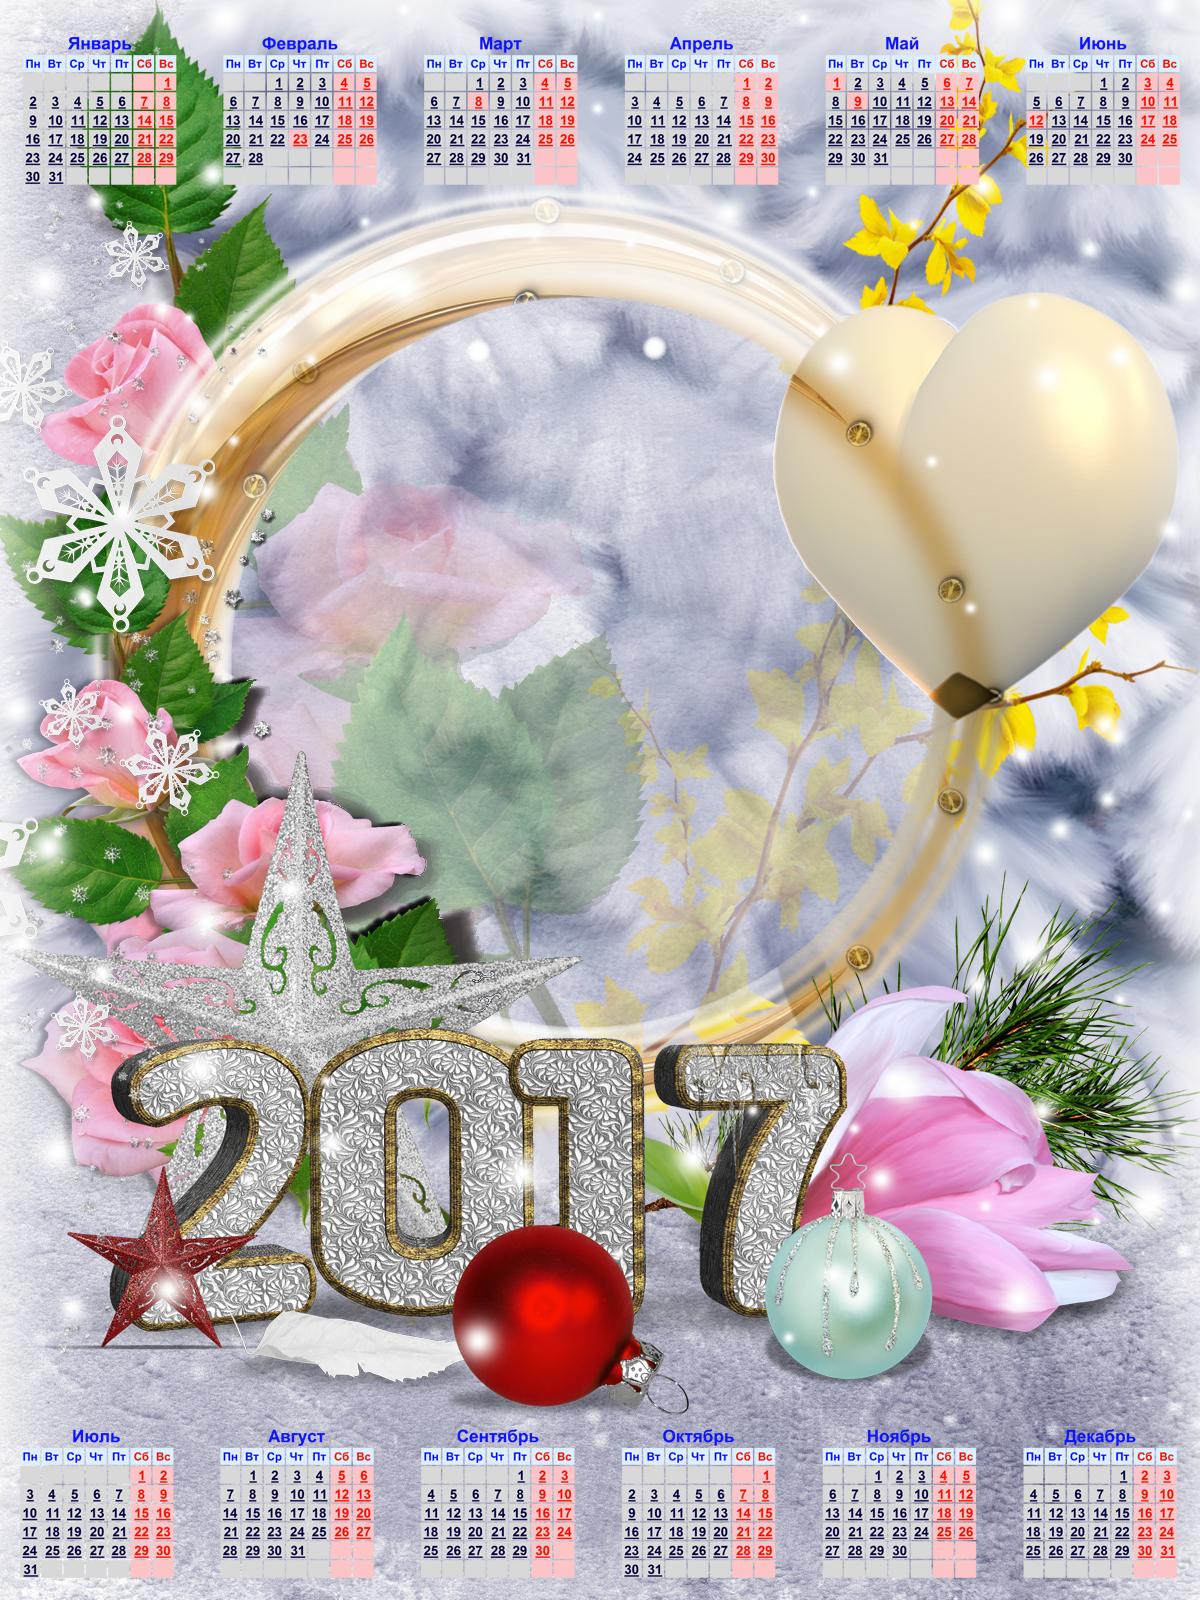 Фоторамка Календарь 2017 Фоторамка для фотошопа, PNG шаблон. Новогодний календарь на 2017 год. Серебряная звезда, розовые розы, снежинки, елочные шары, воздушный шарик в форме сердечка, ветки елки, осенние листья.